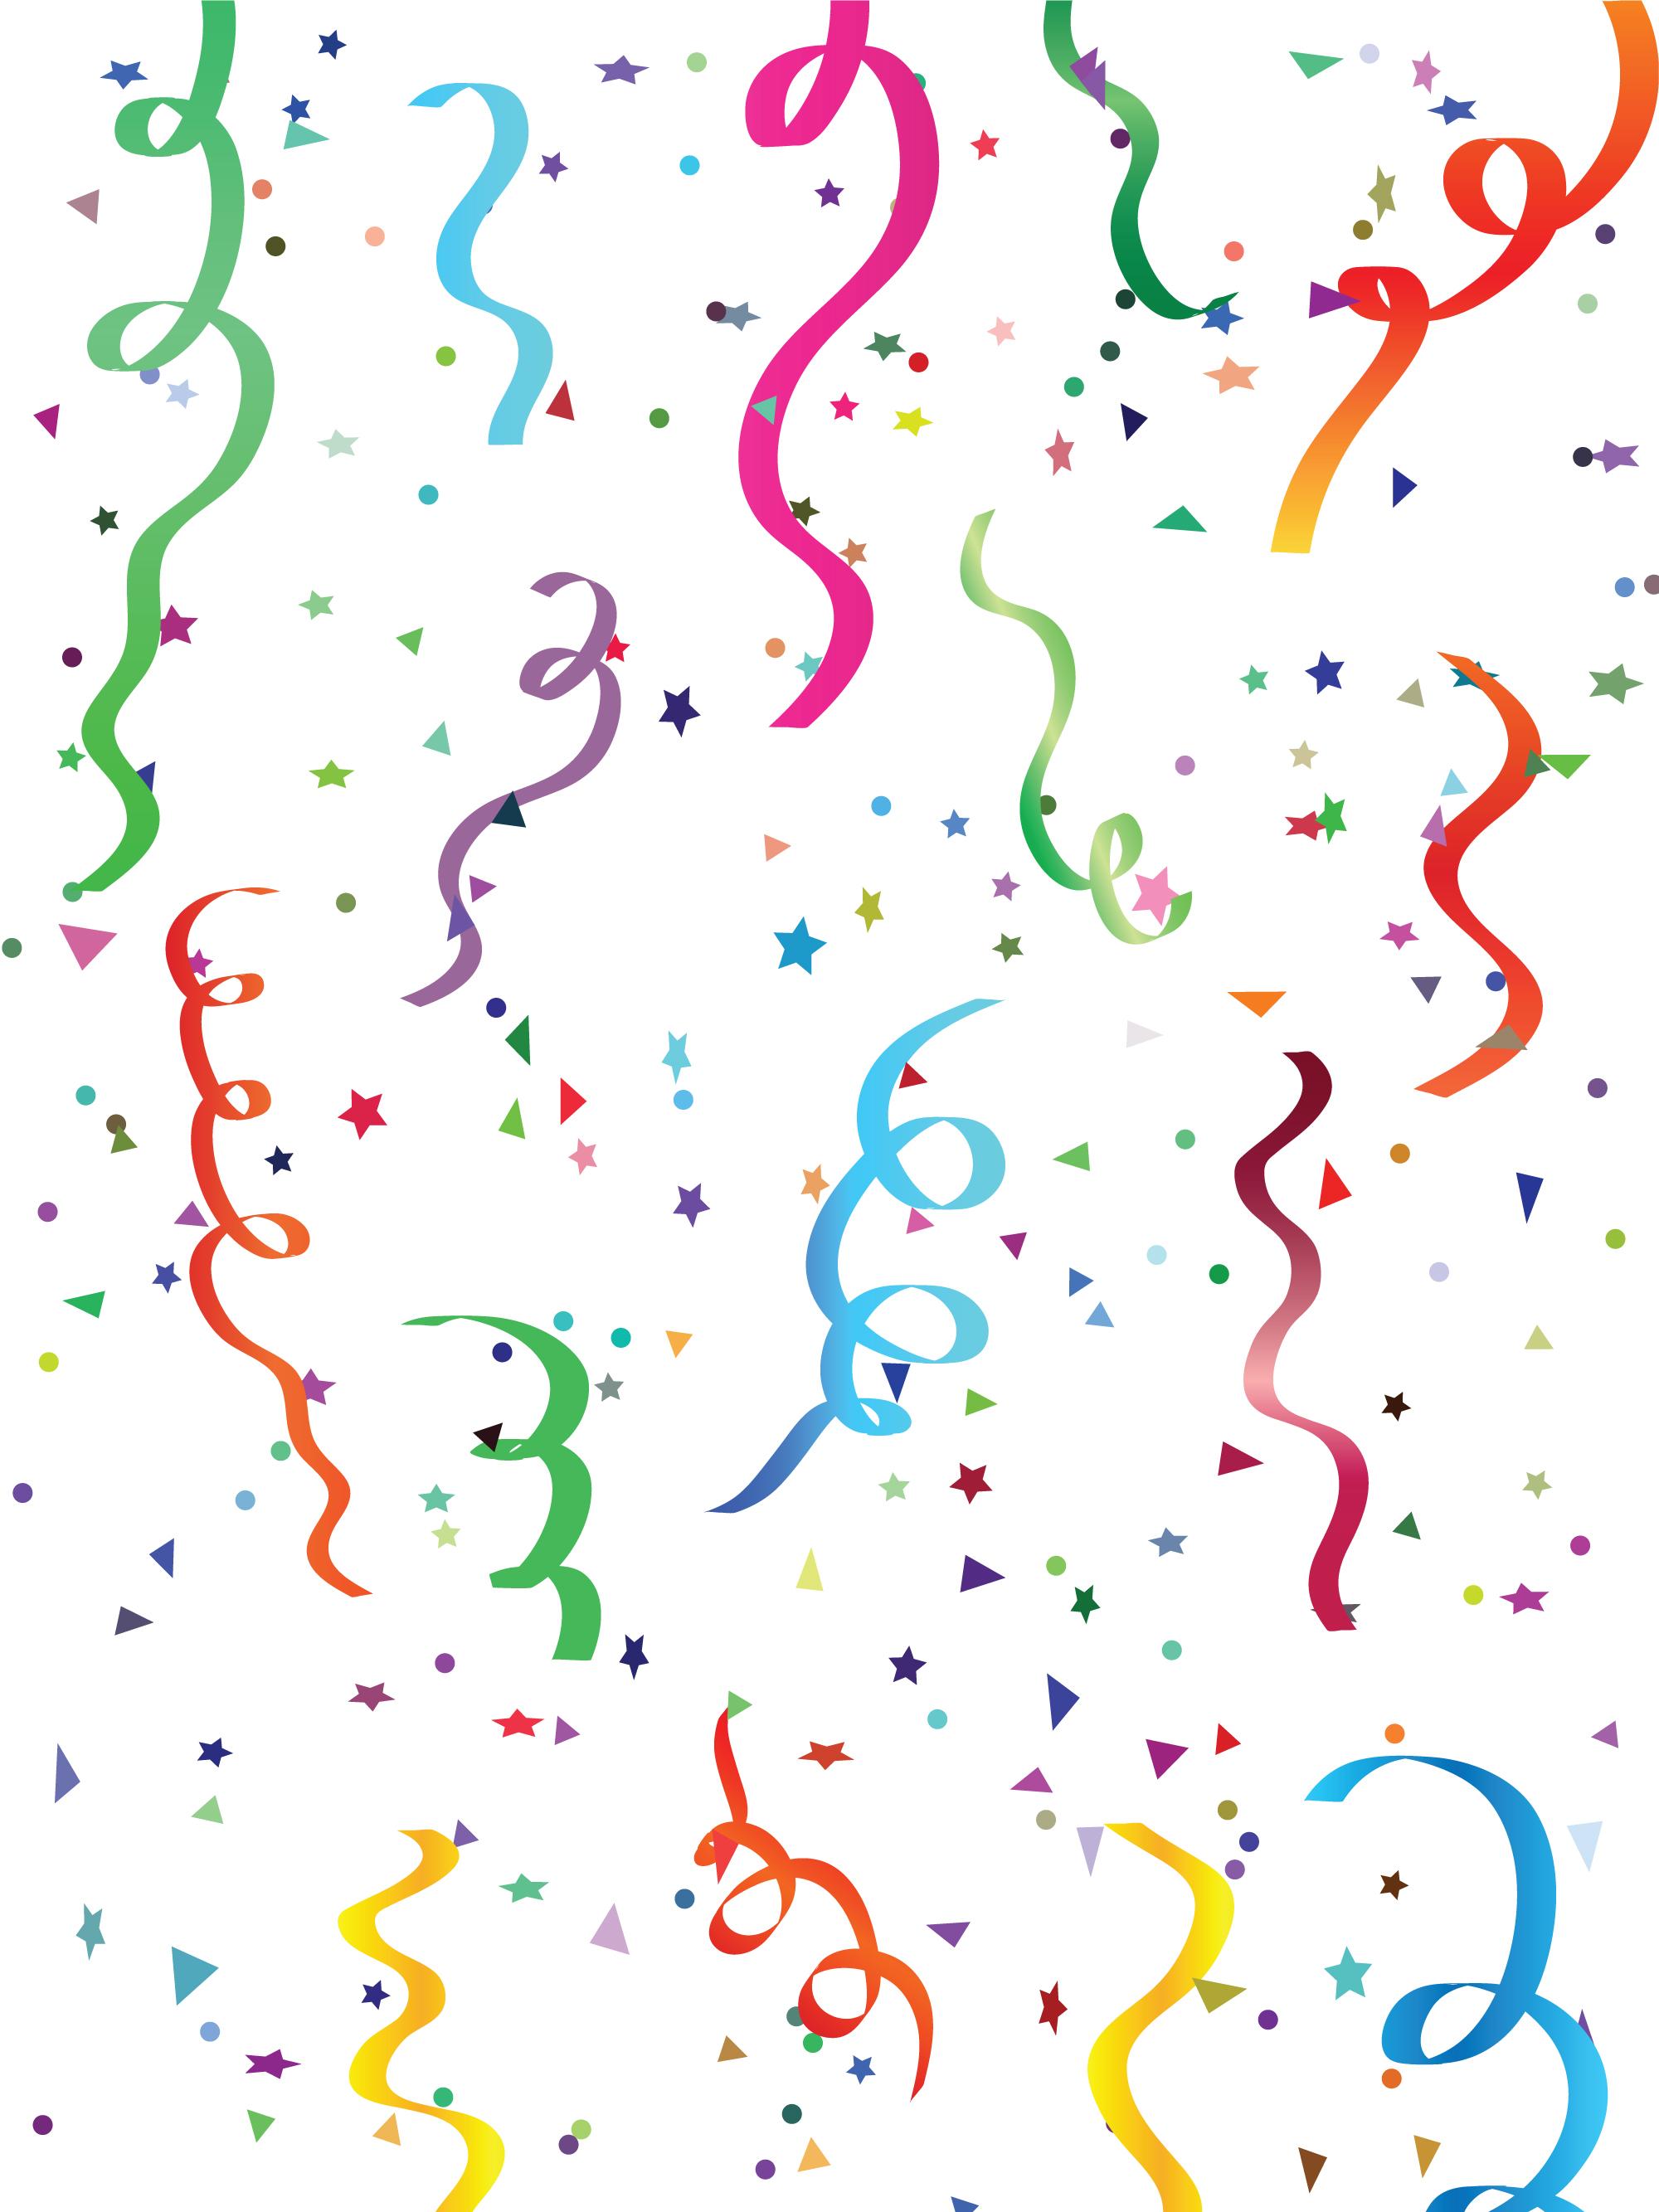 New Year clipart confetti CONFETTI POKER New CHIPS ClipartConfettiDigital